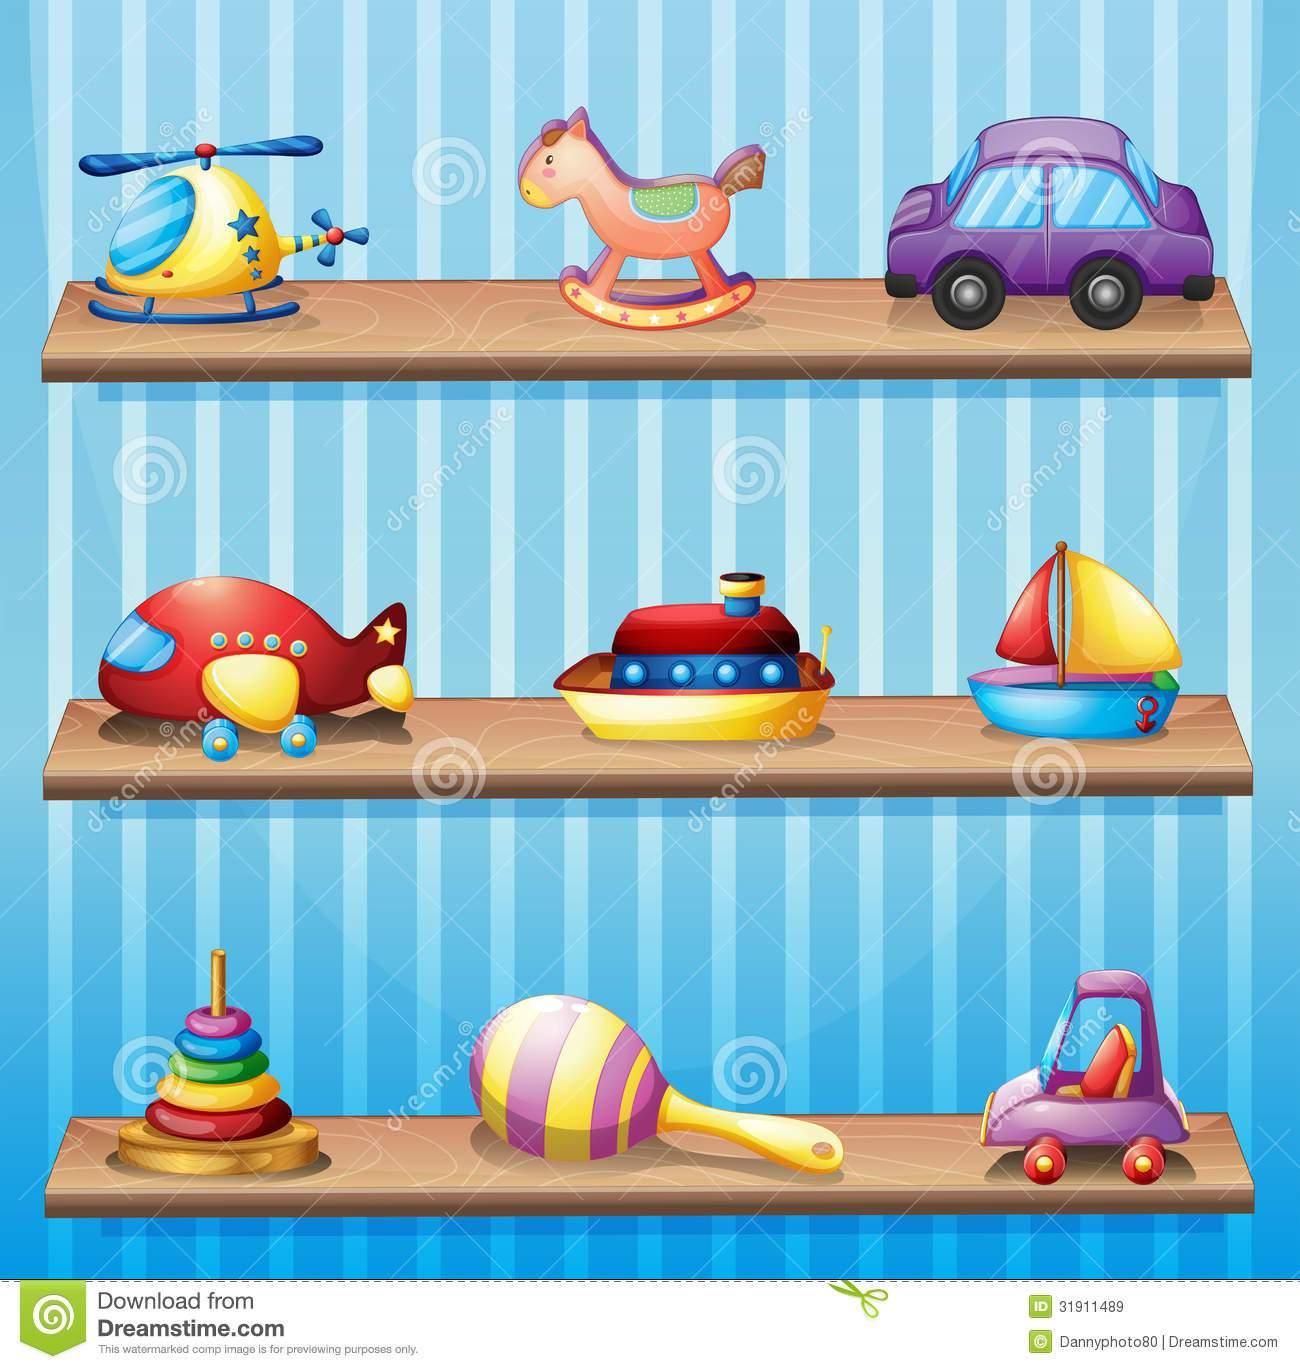 Bookshelf clipart cartoon. Toy shelf shelves clip